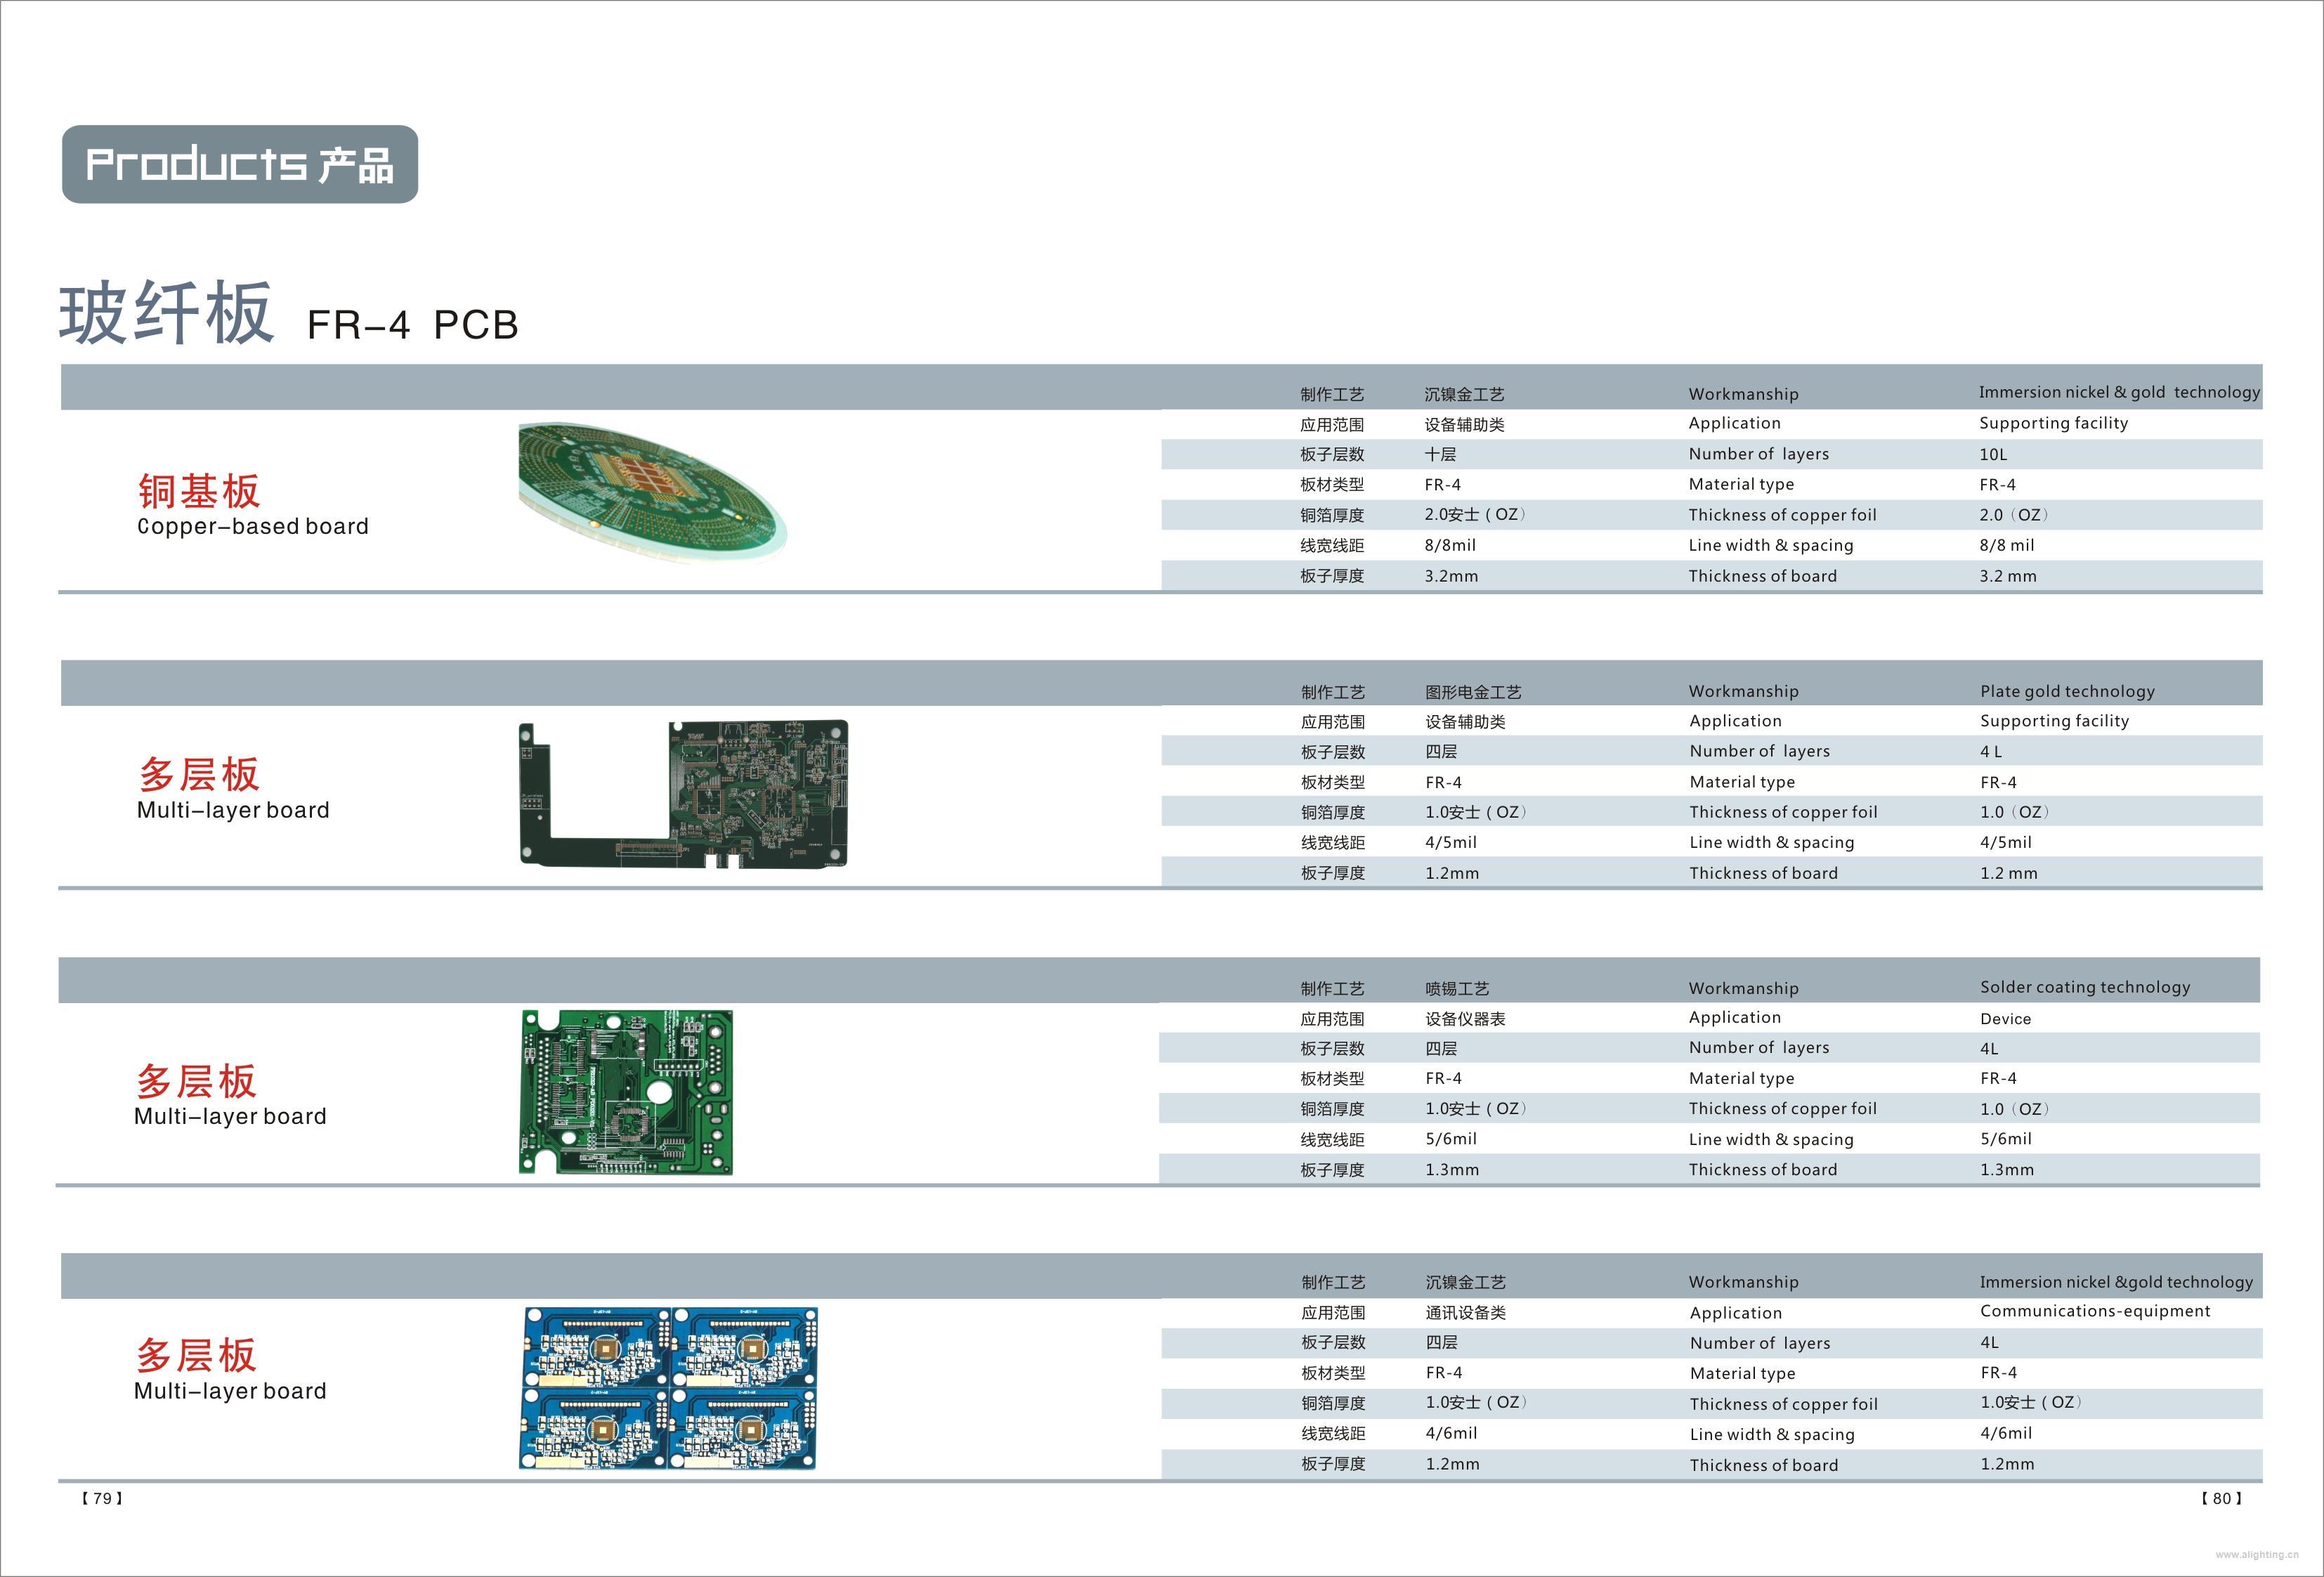 中信华集团 专业生产Fr-4 CEM-1 玻纤板 铝基板